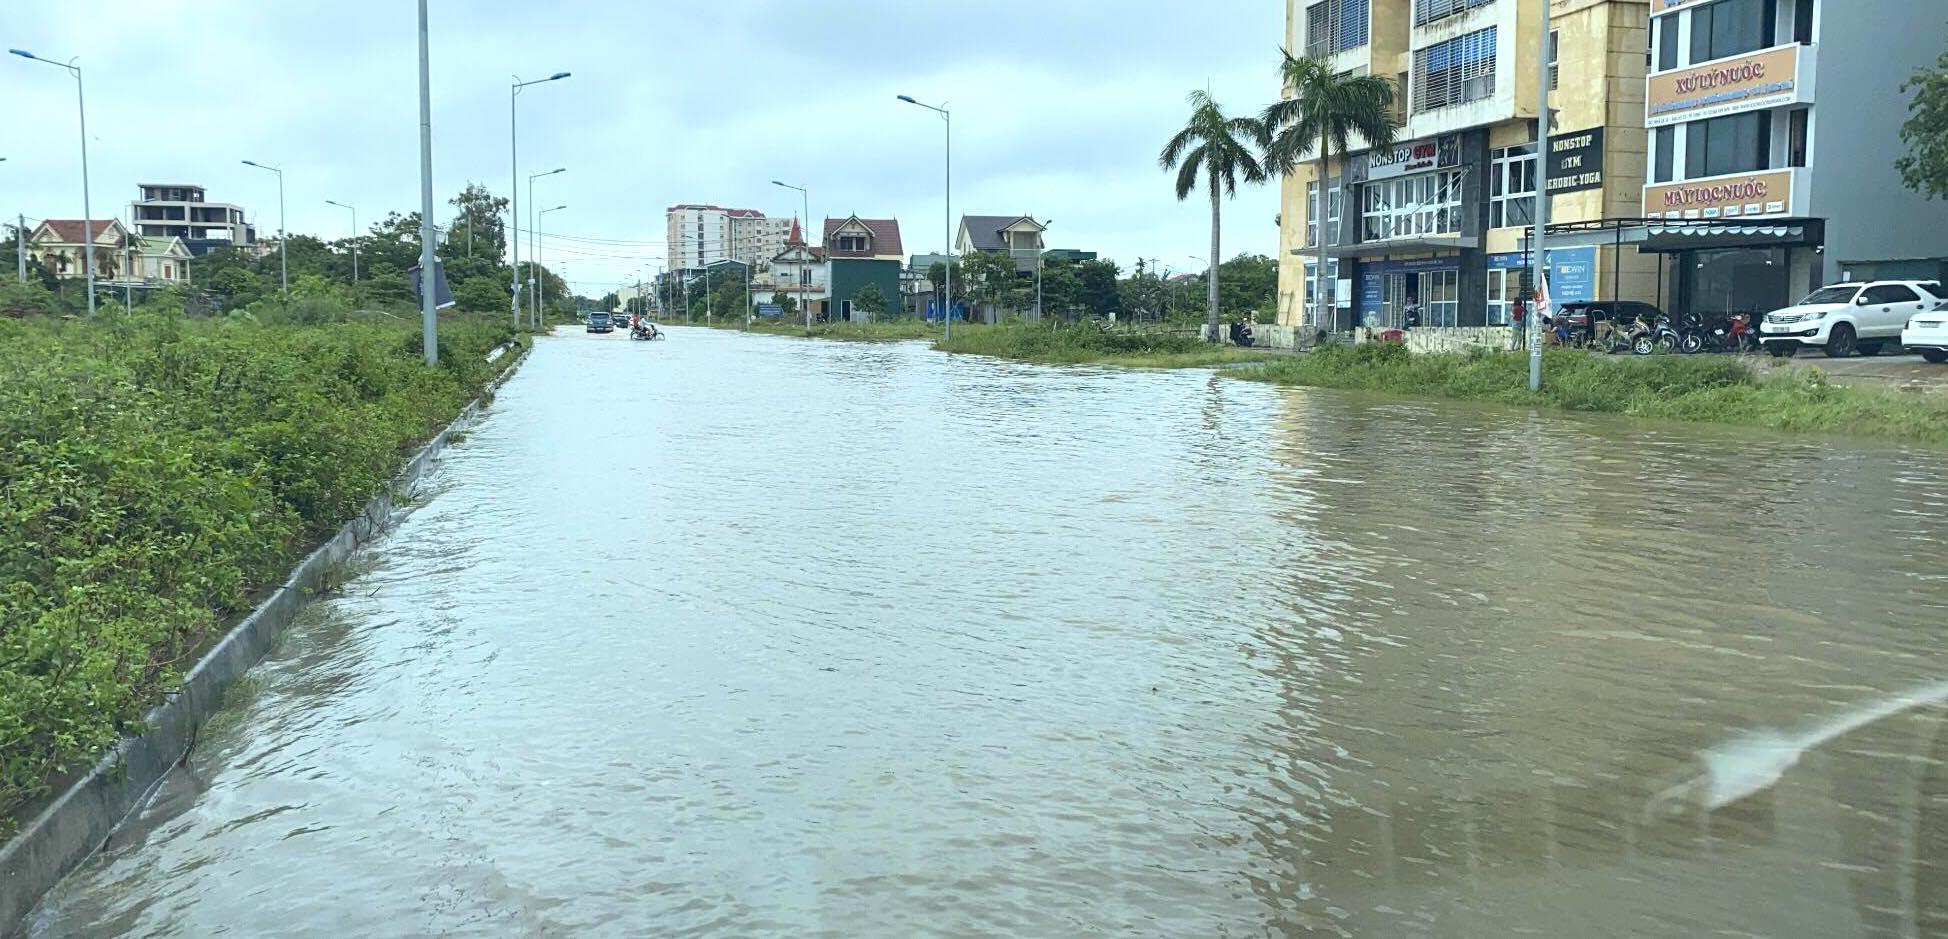 Sau bão, nhiều hộ dân vẫn bị cô lập trong biển nước, cột viễn thông cao cả trăm mét bị xô đổ - Ảnh 3.